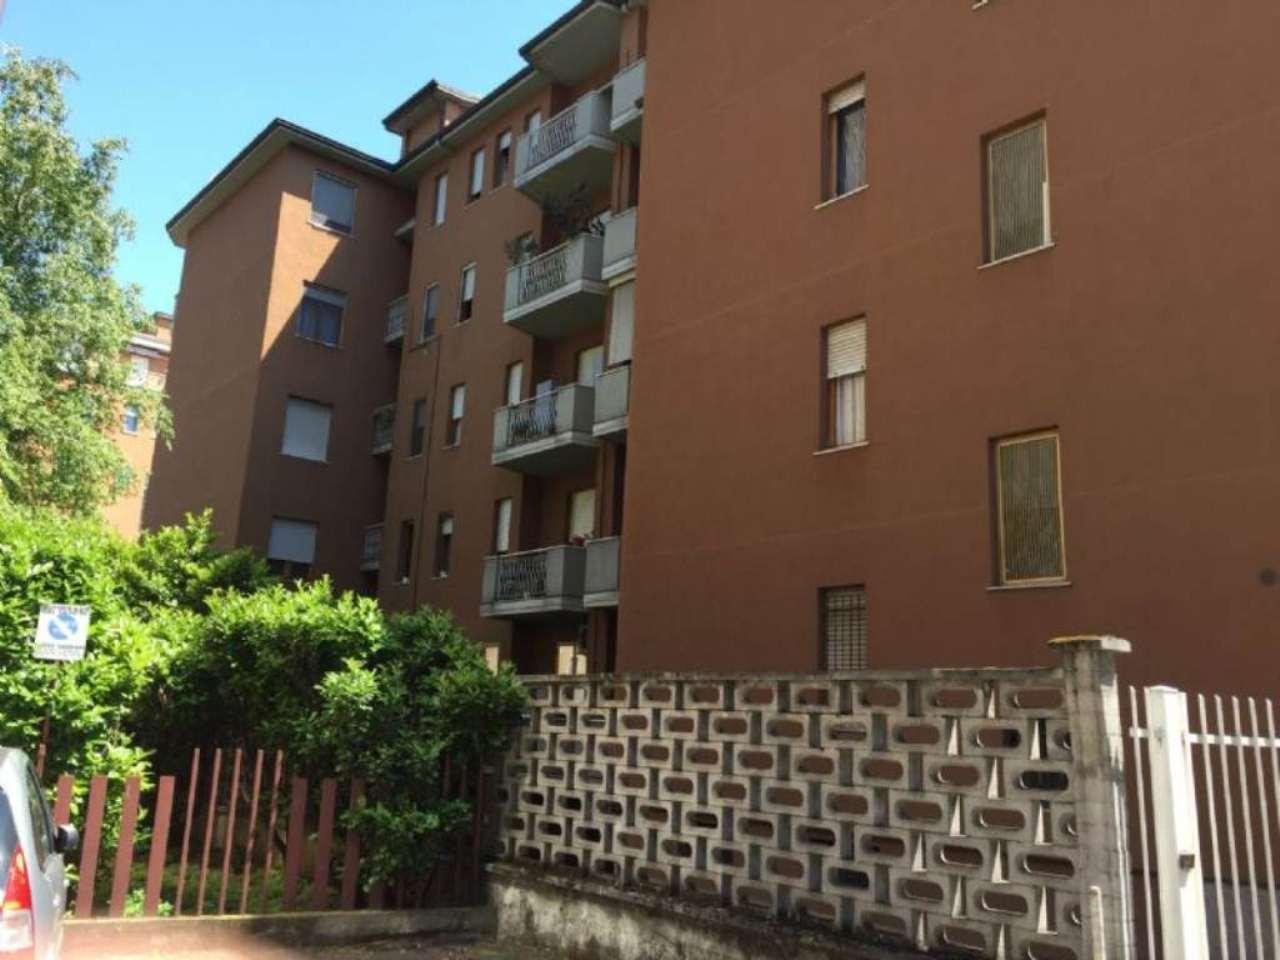 Appartamento in vendita a Voghera, 4 locali, prezzo € 53.000 | CambioCasa.it